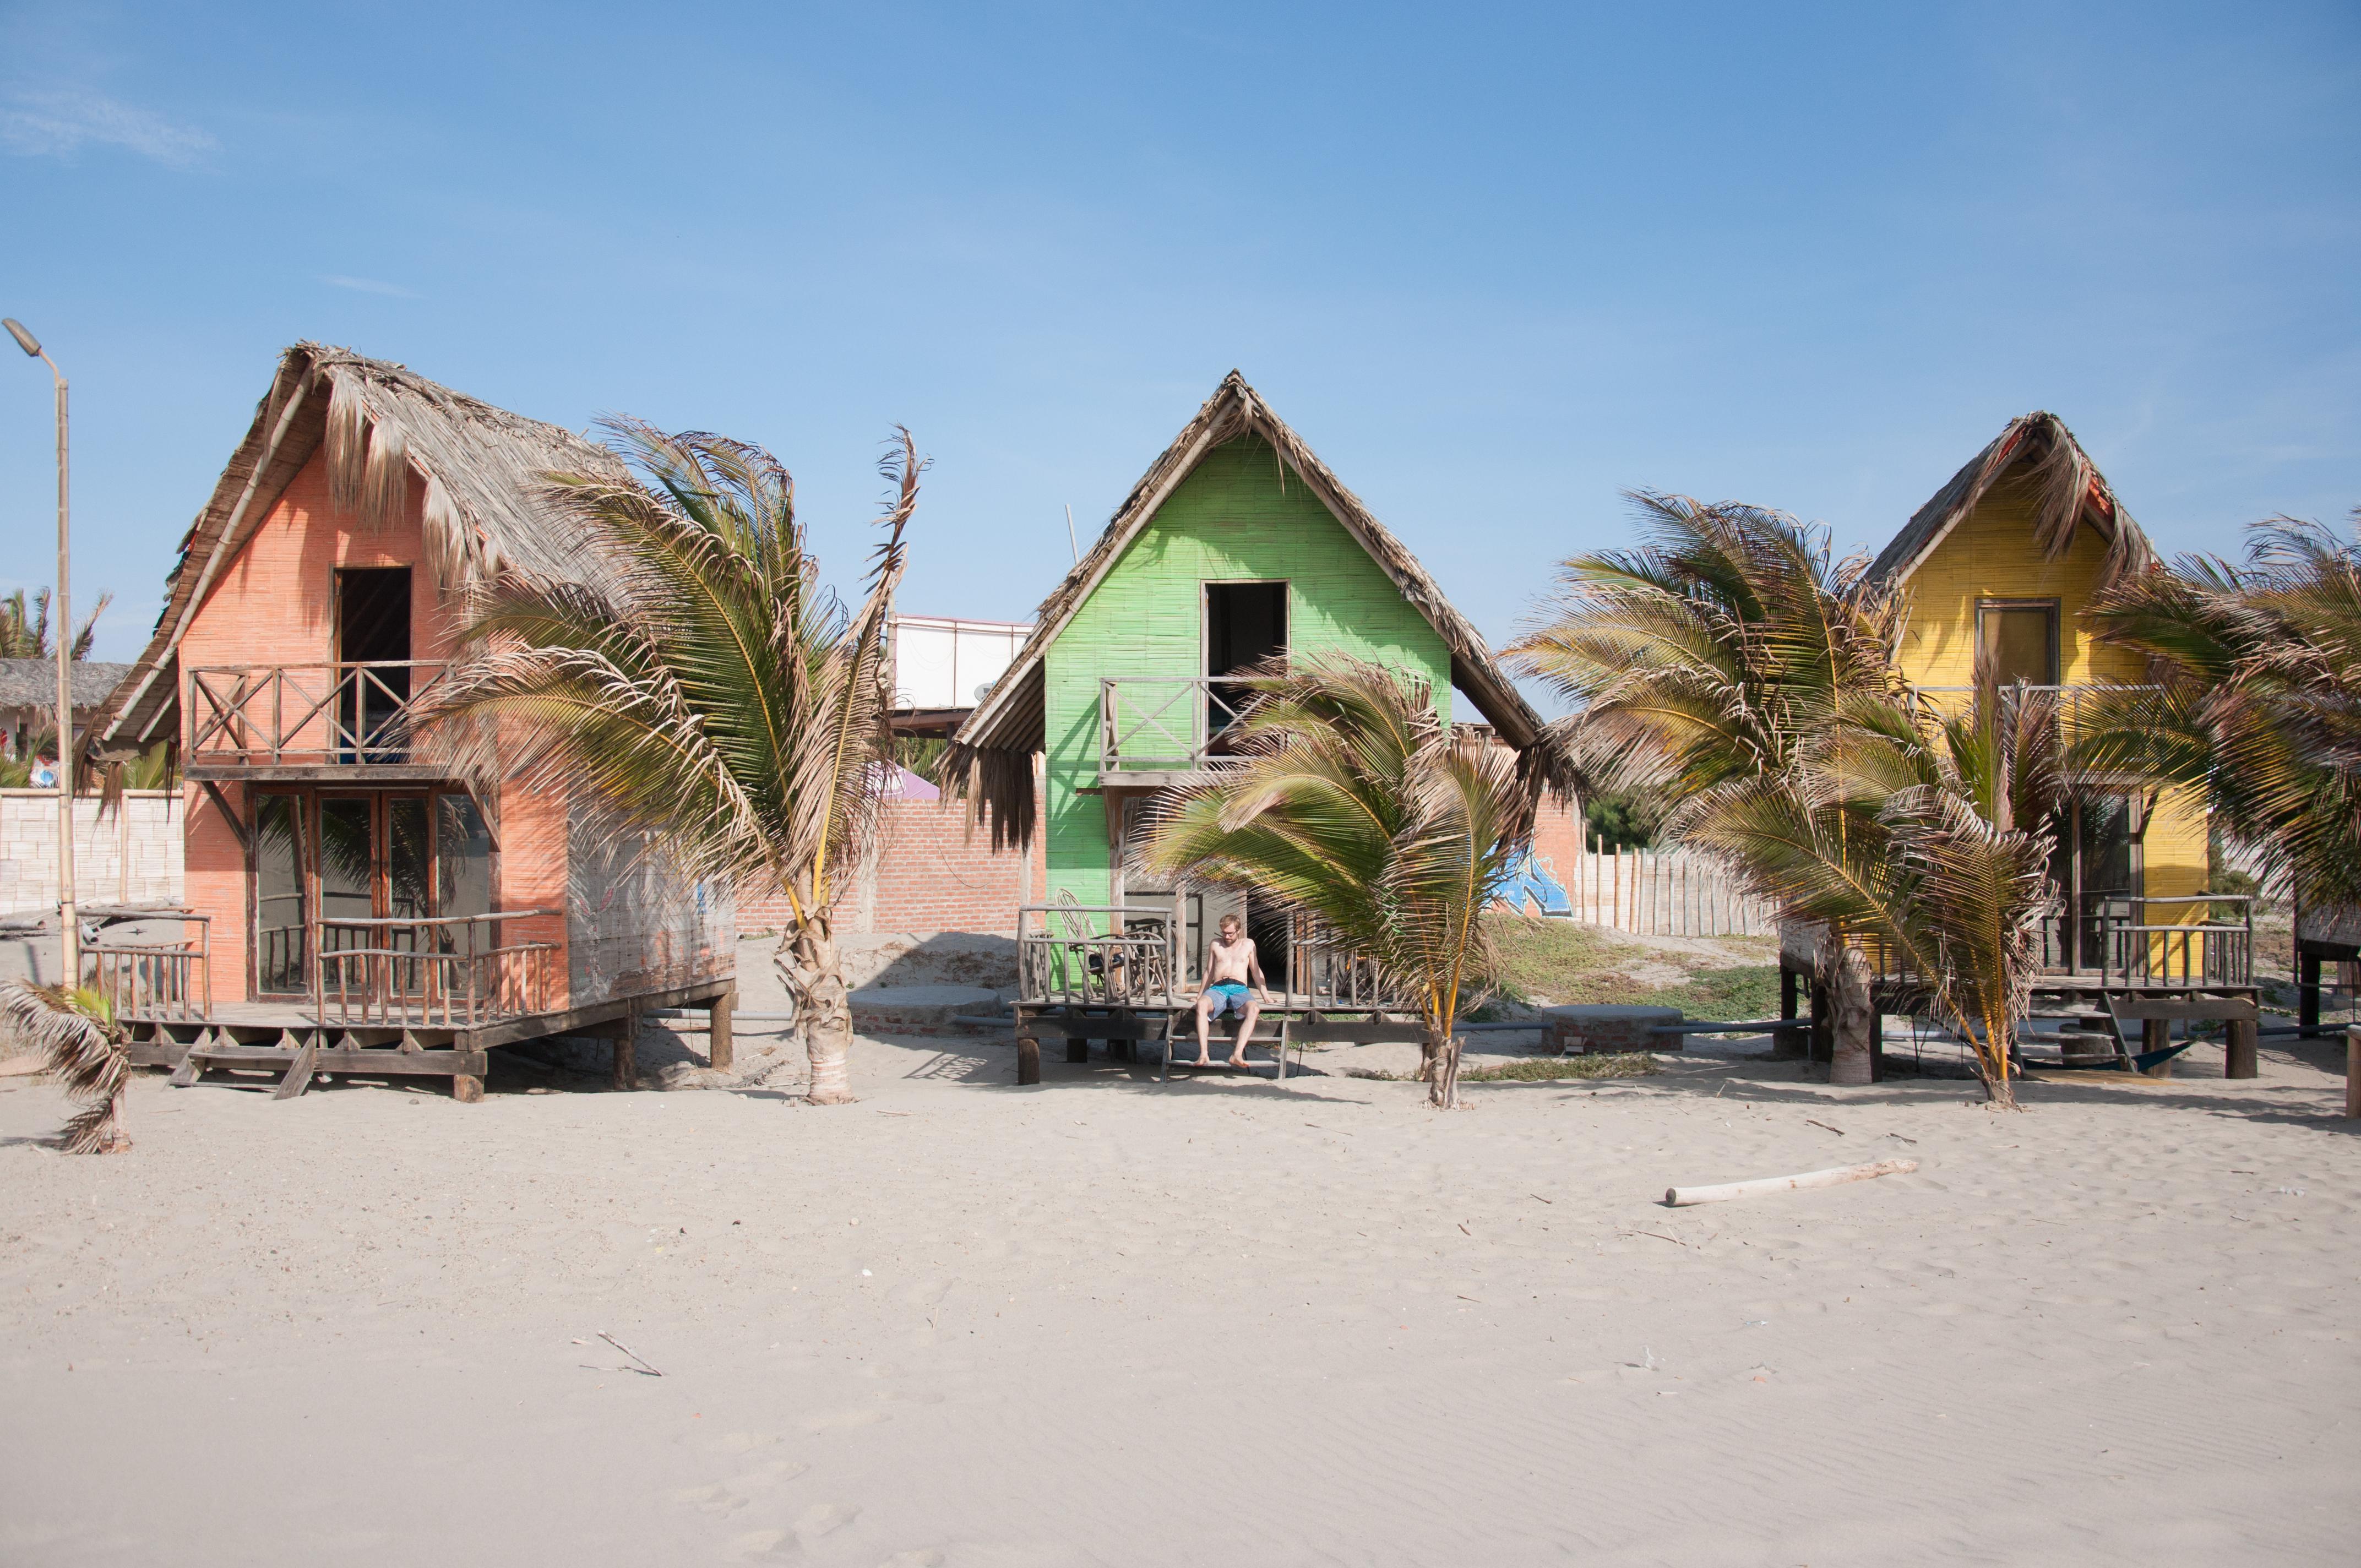 Paradies! Unser Hostel in Mancora (Misfit Hostel)